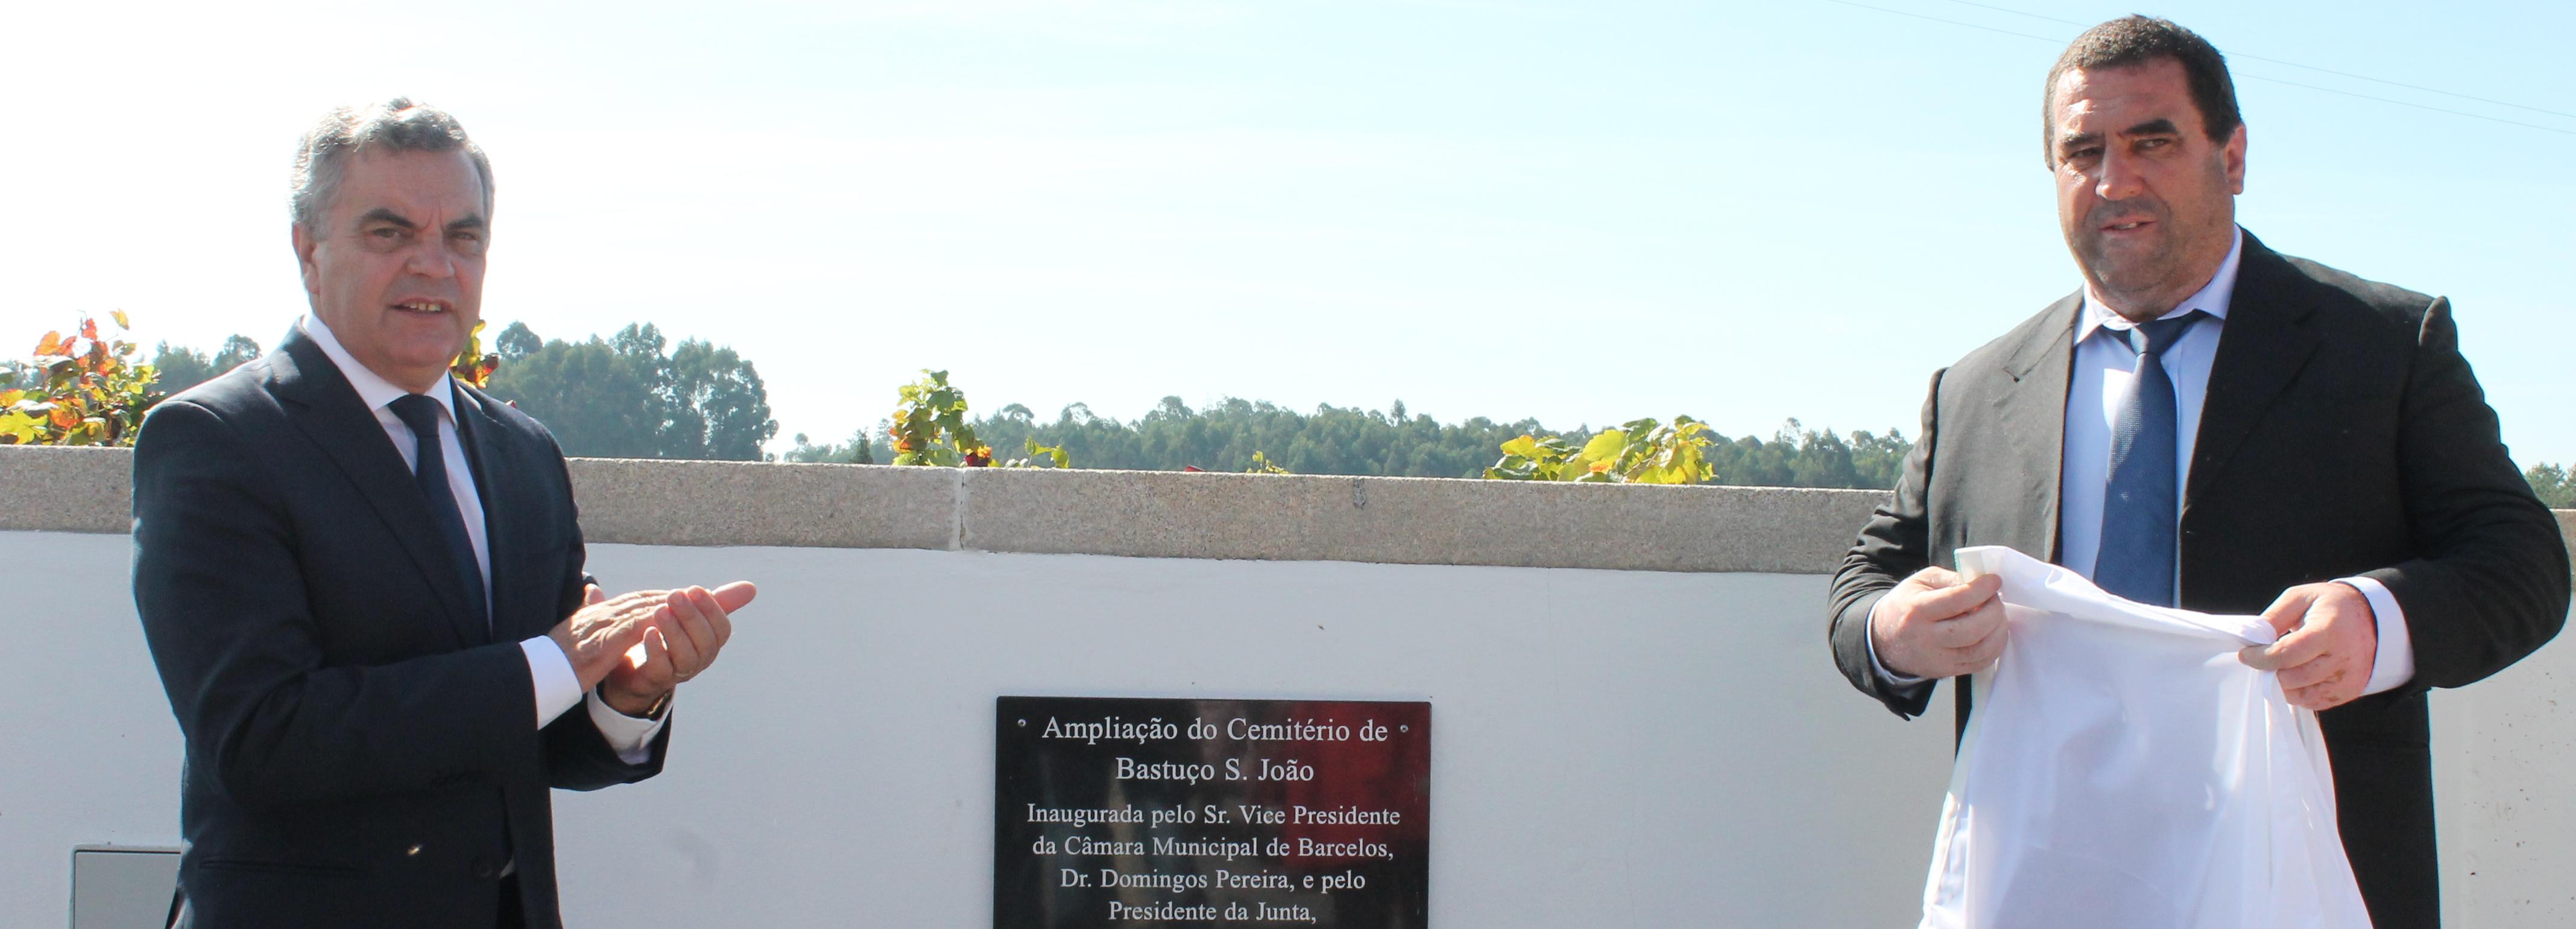 Vice-presidente da Câmara inaugurou ampliação de cemitério de Bastuço S. João